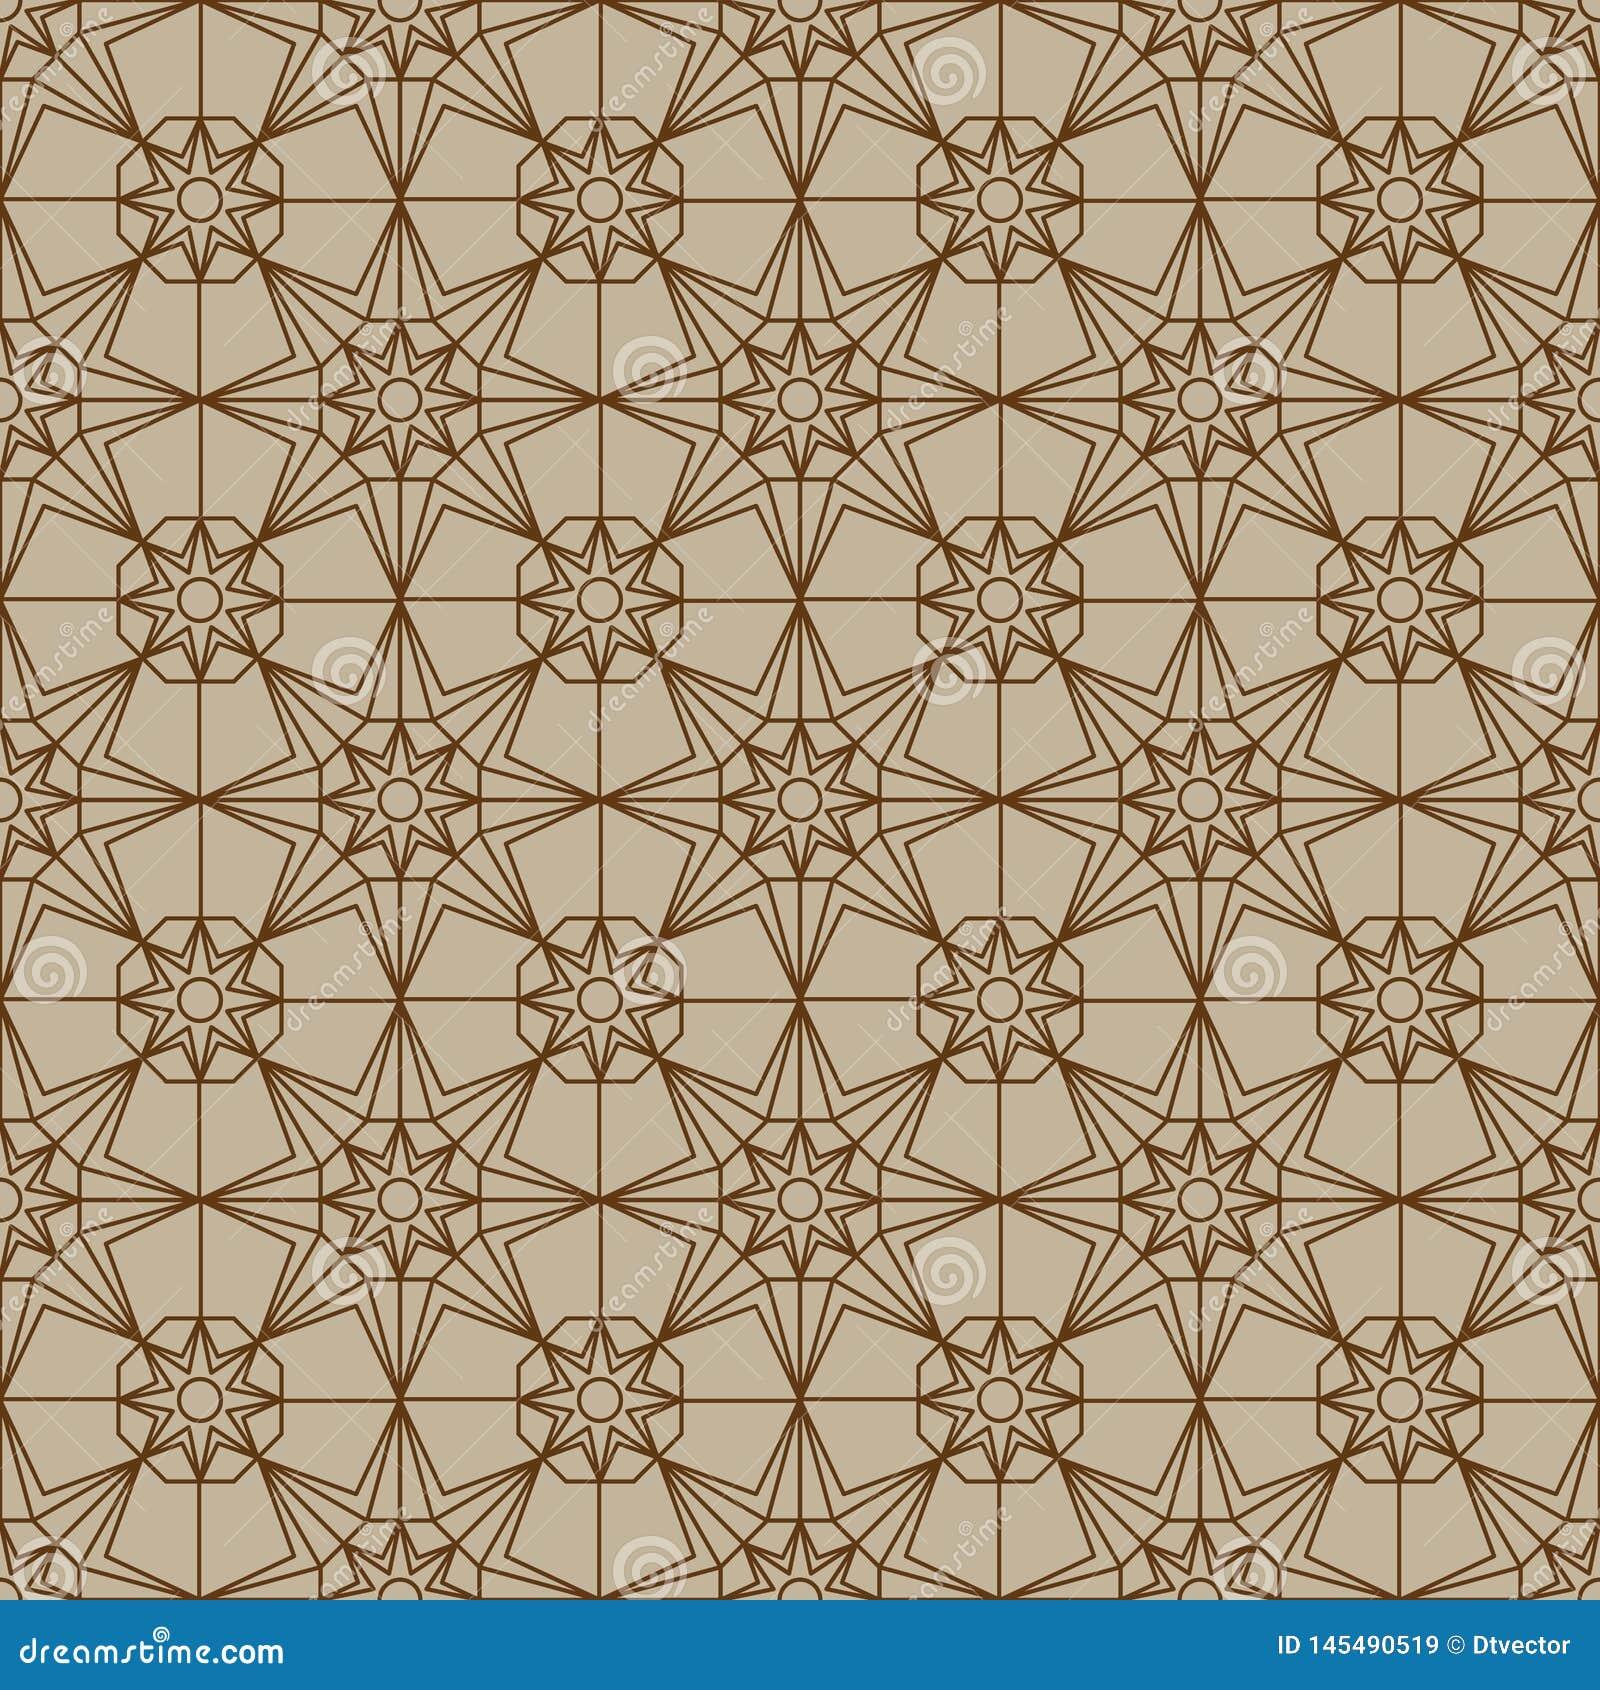 Naadloze patroon van de ster hexagon symmetrie